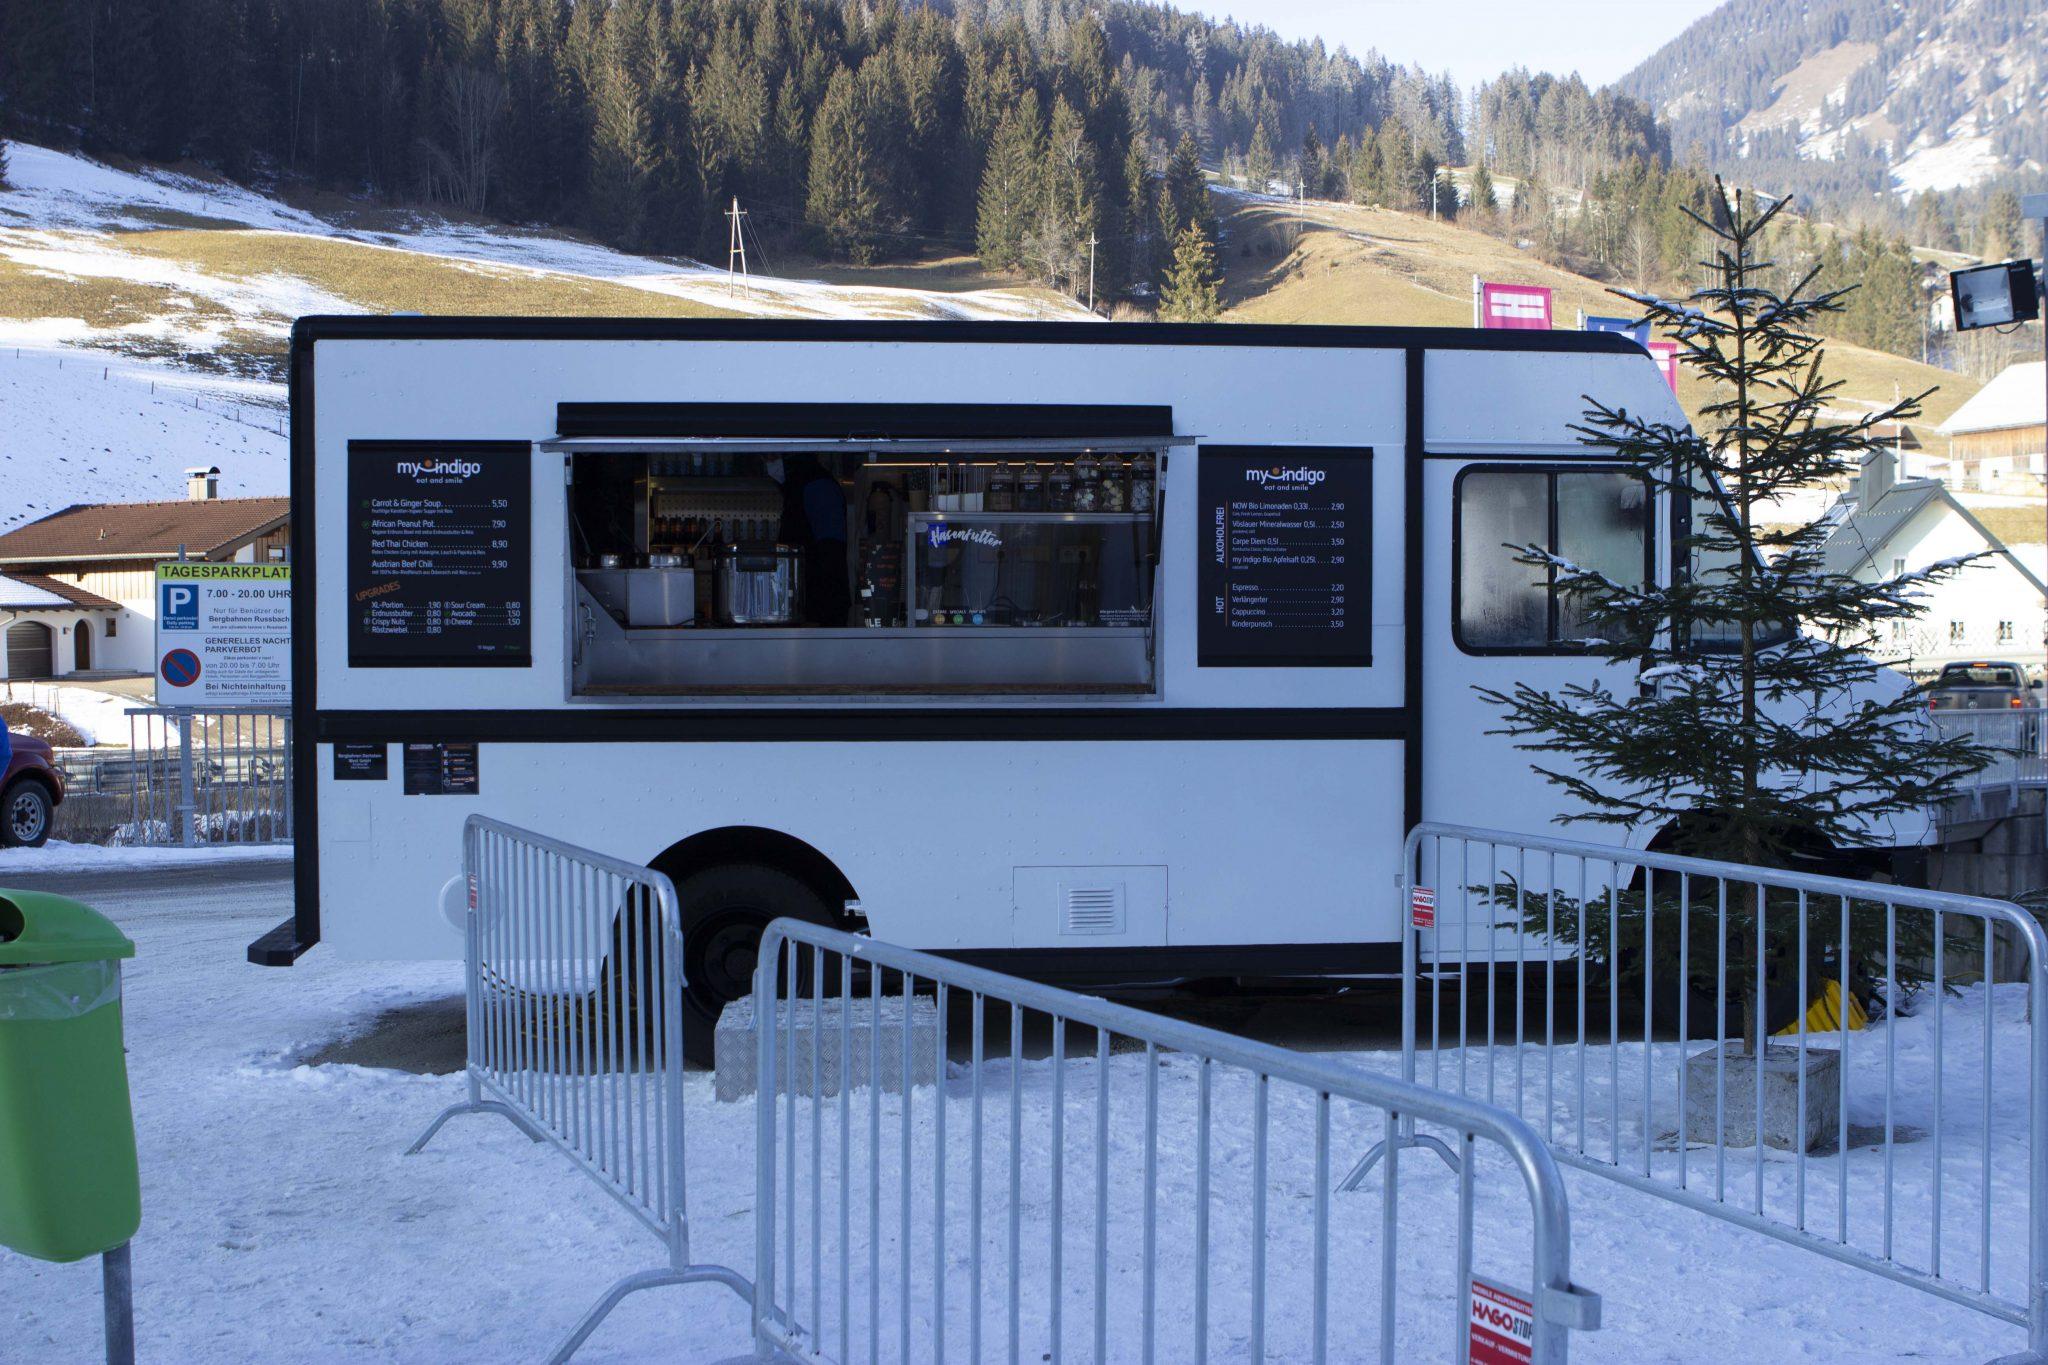 der_my_indigo_foodtruck_skiregion_dachstein_west